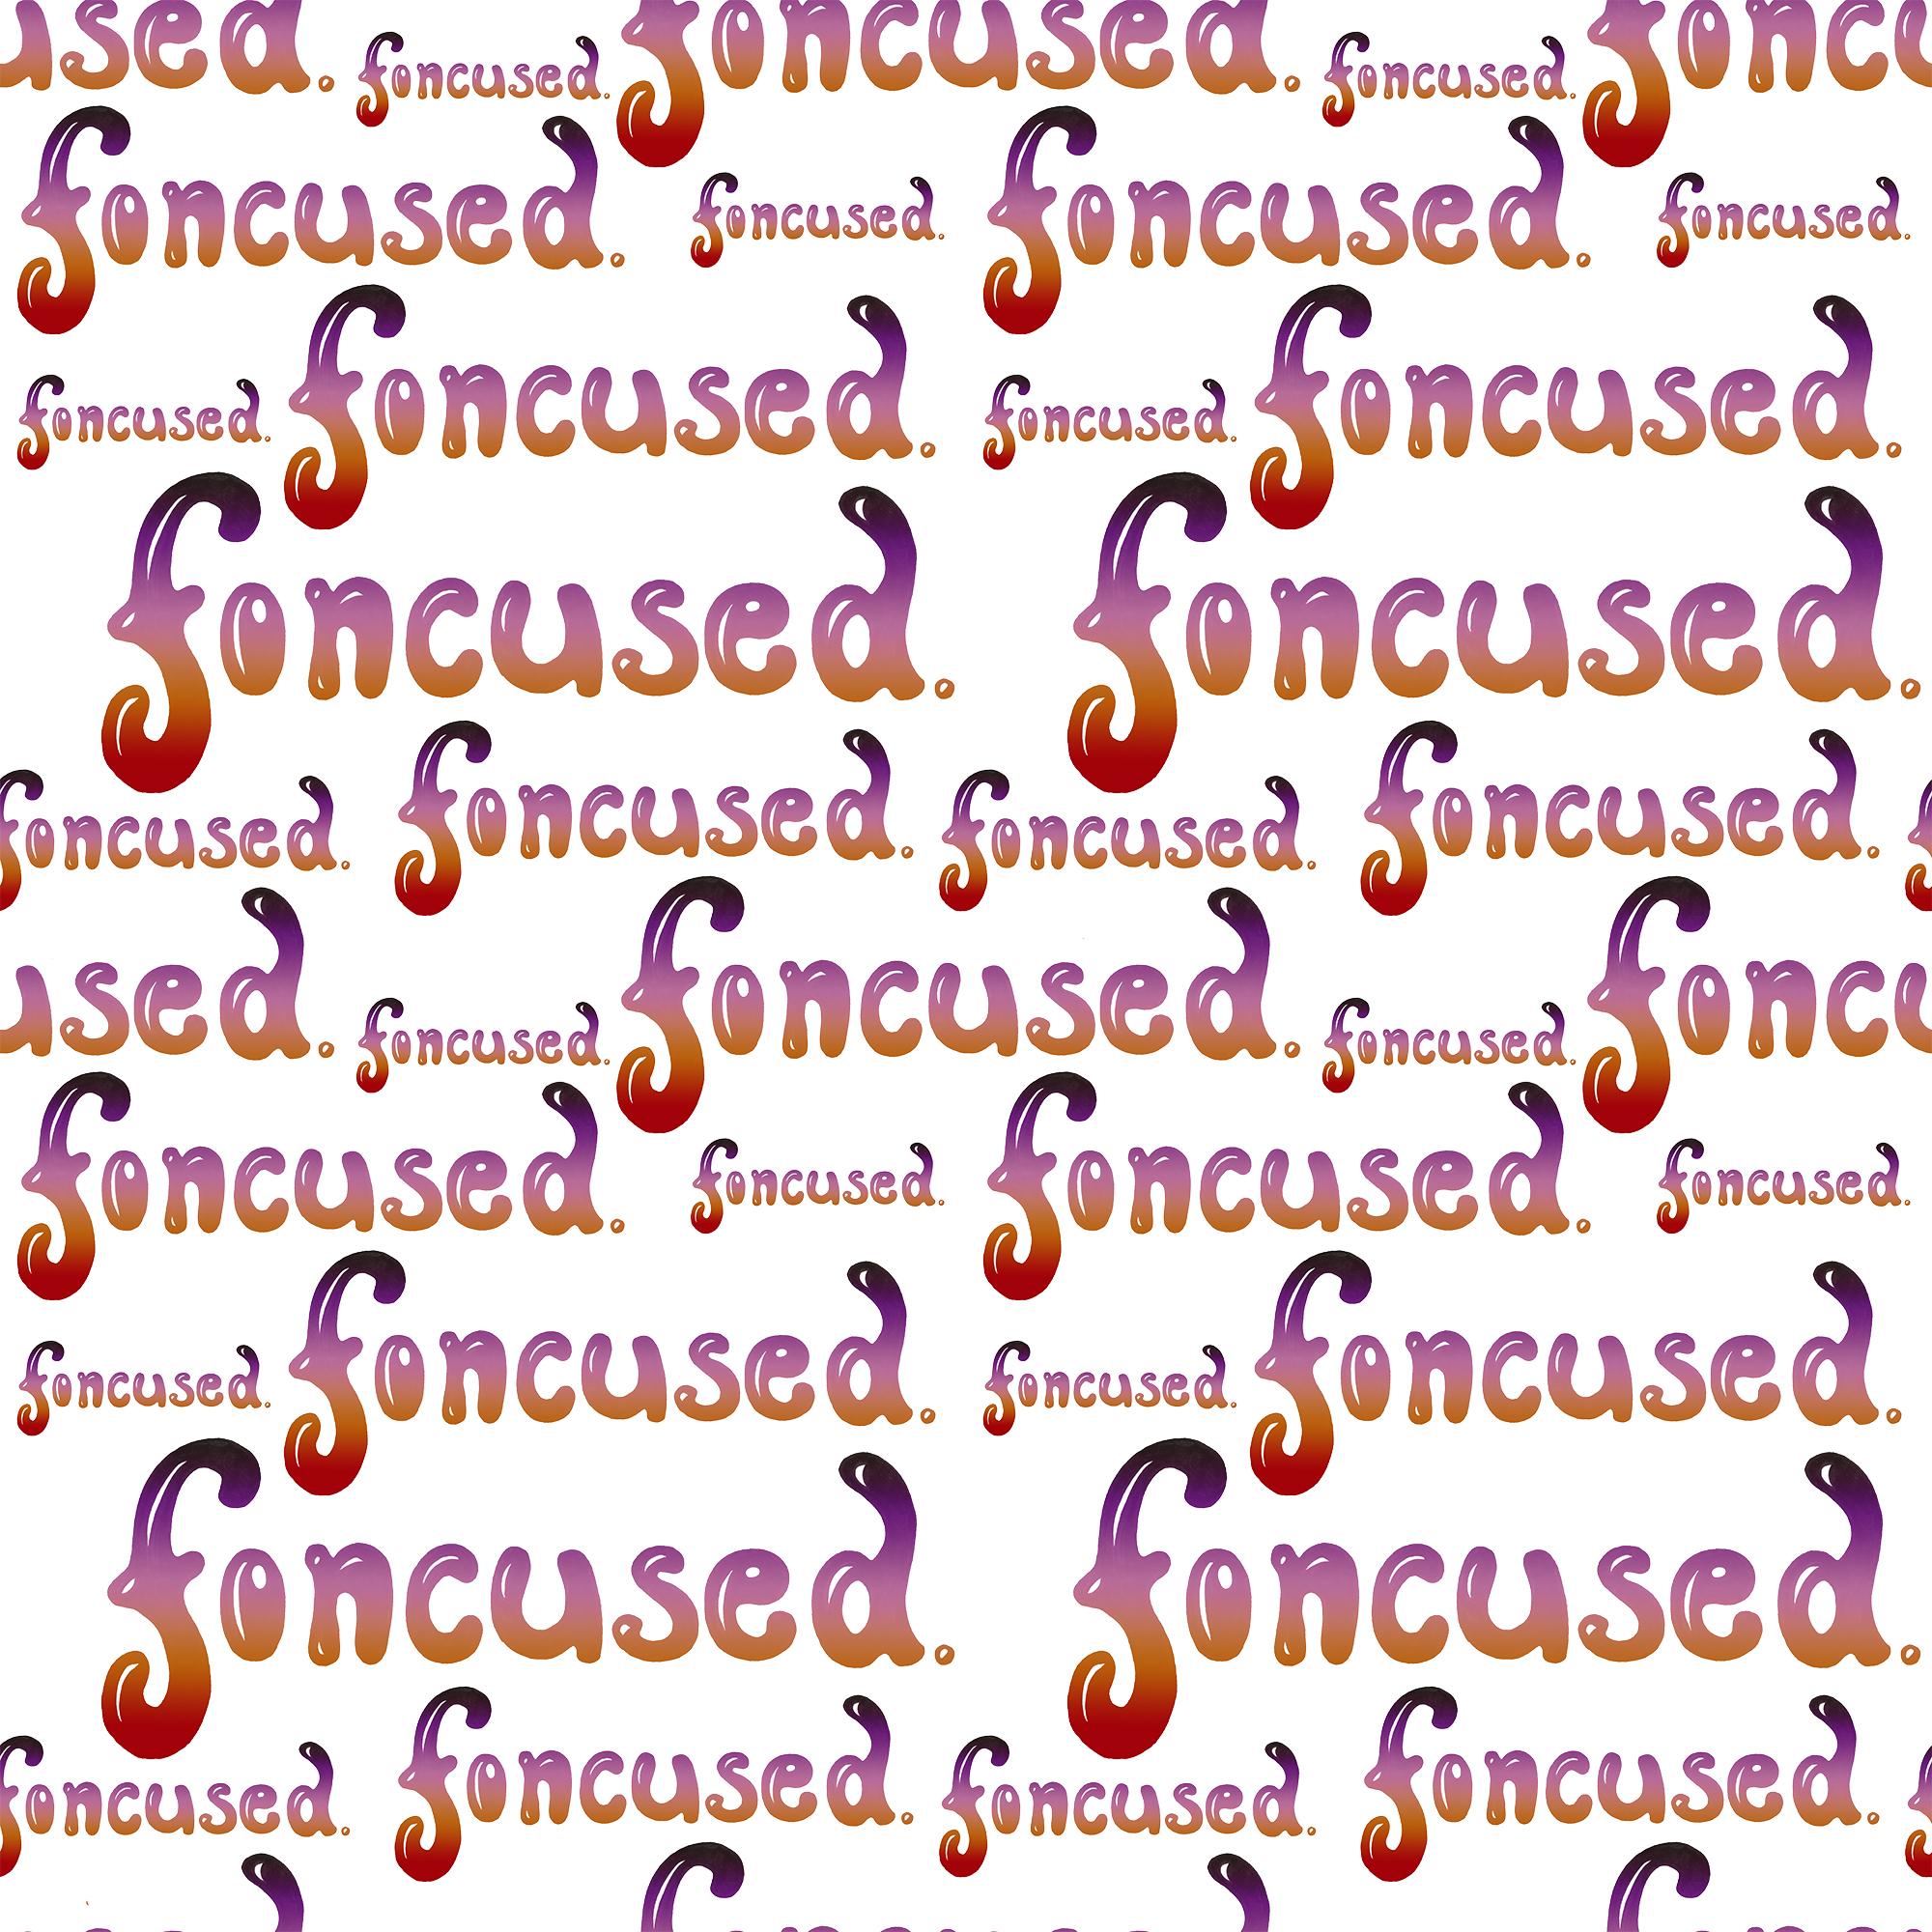 Foncused - repeat pattern